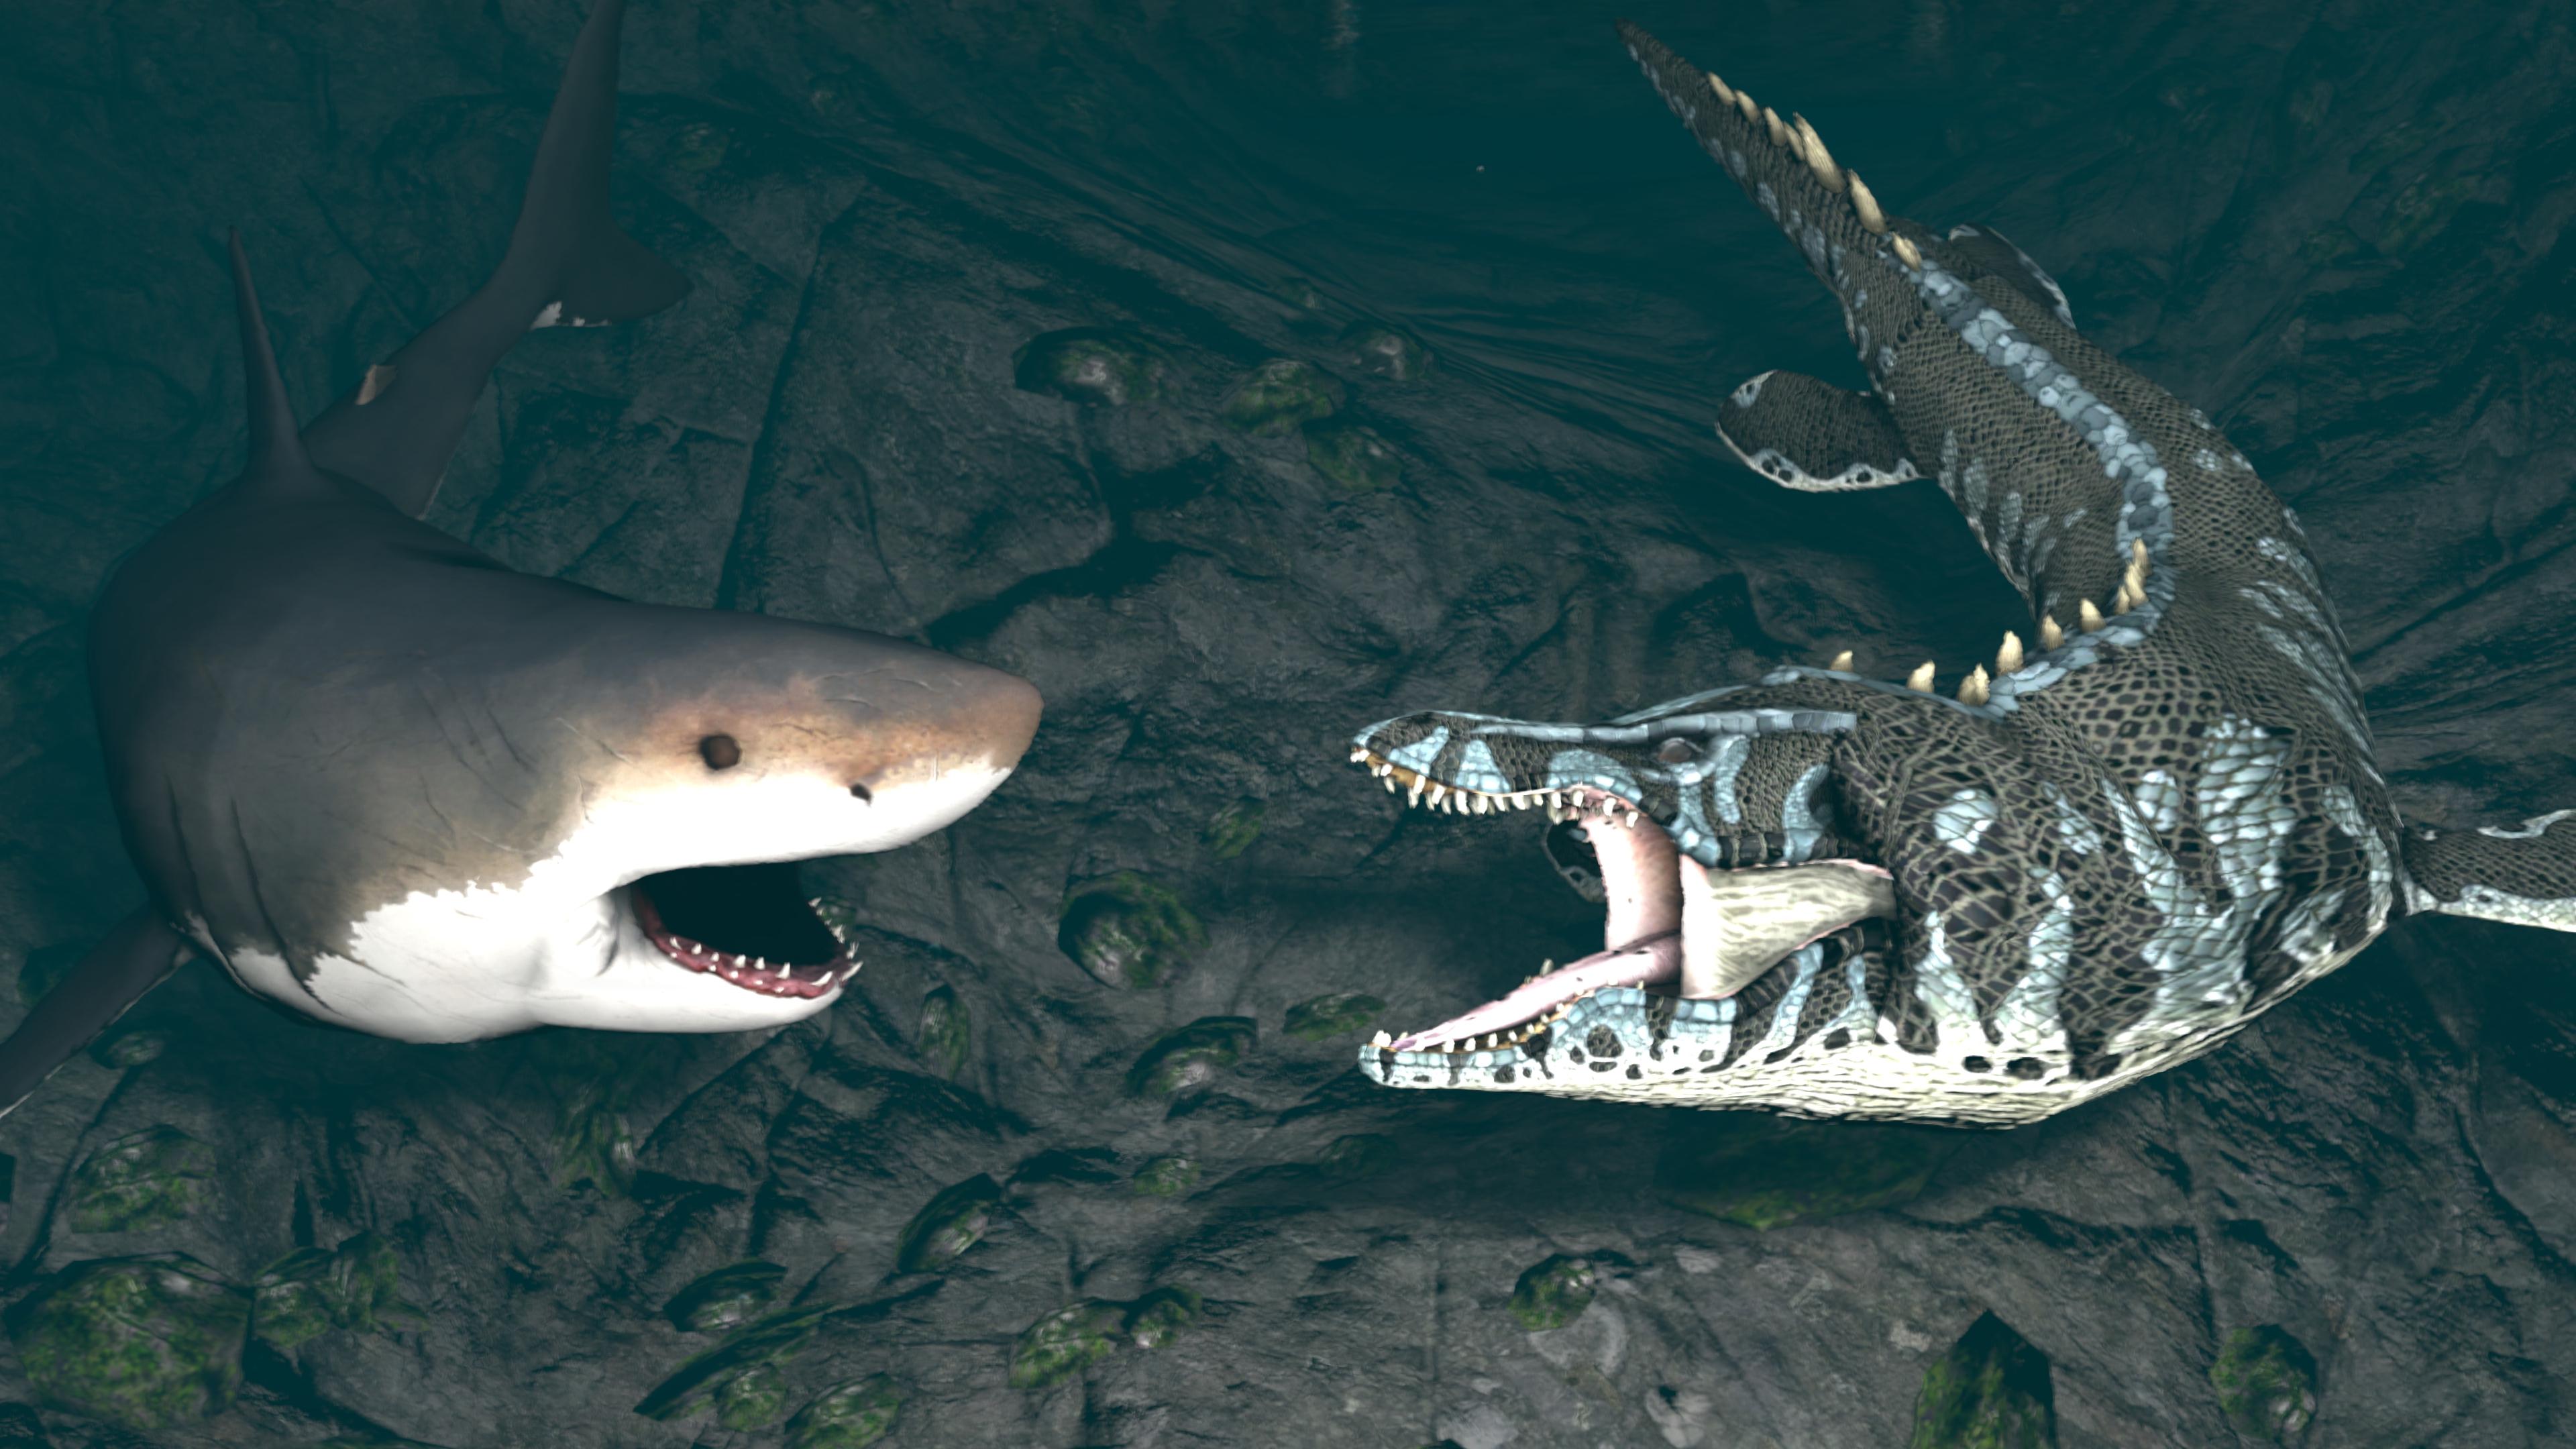 liopleurodon vs megalodon wwwimgkidcom the image kid